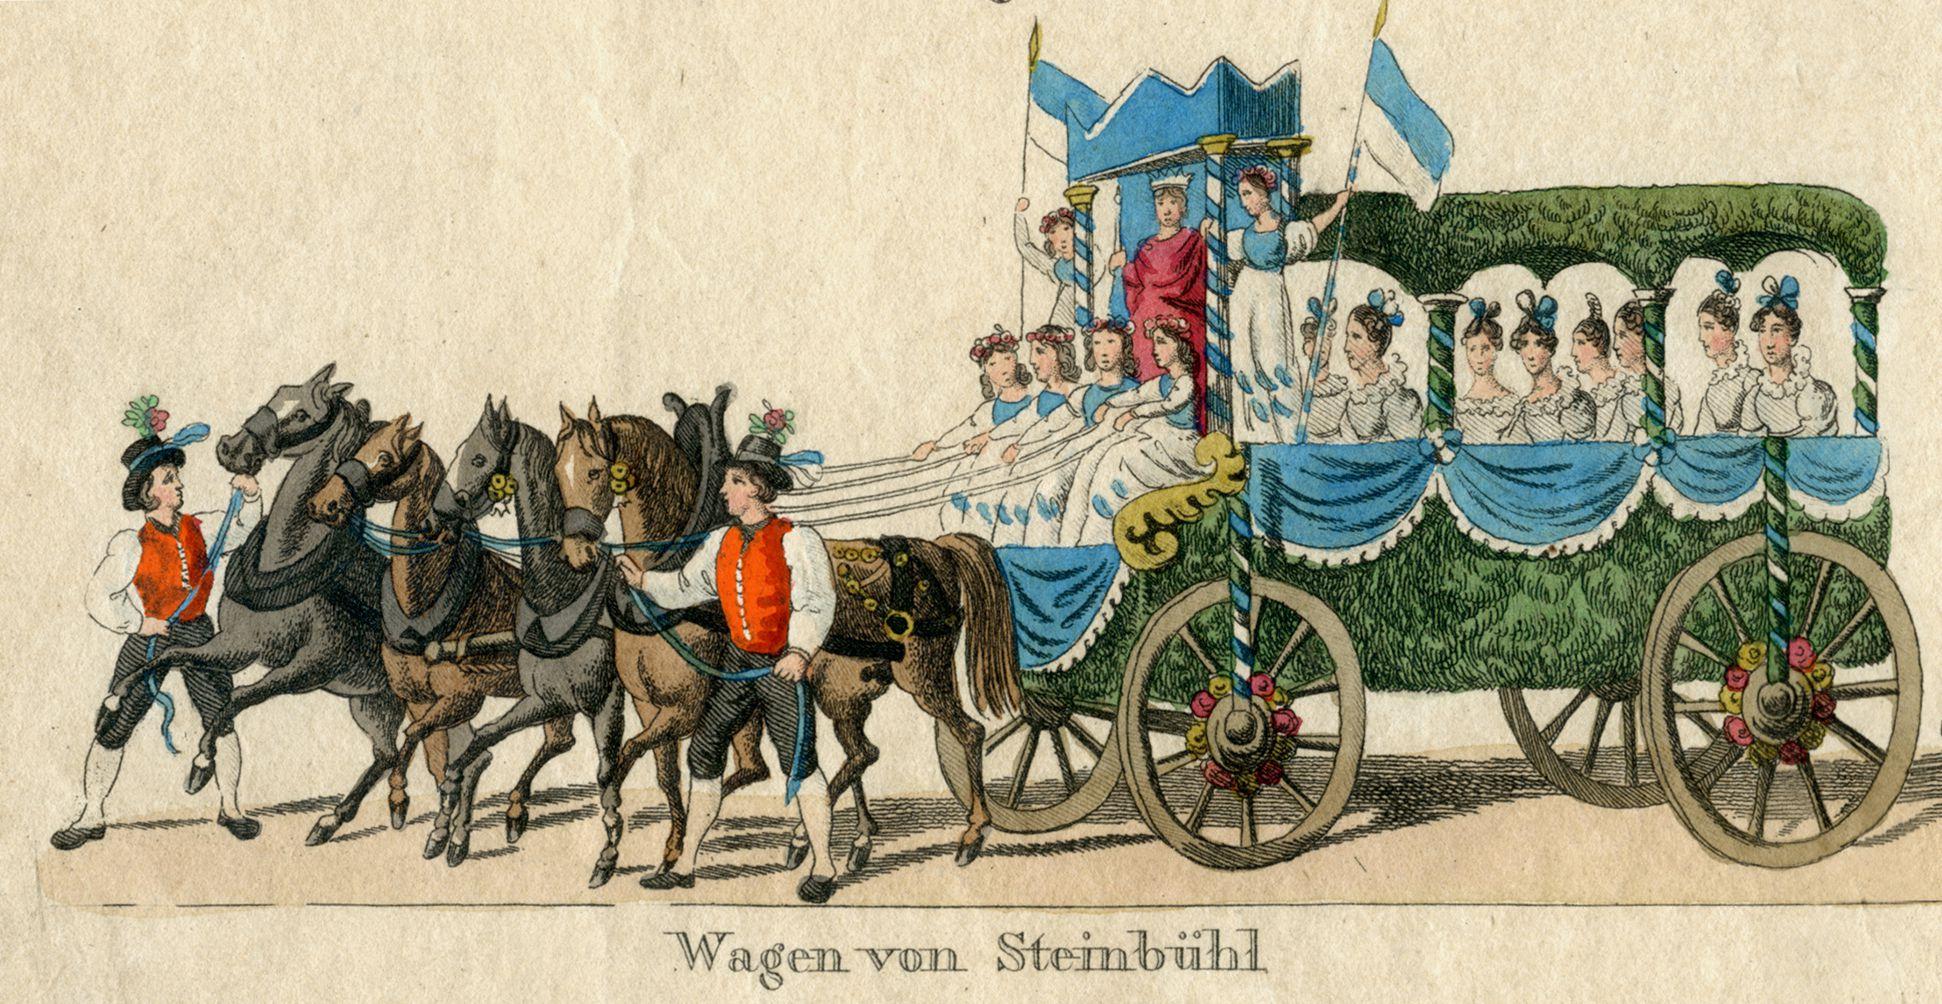 Das Volksfest in Nürnberg. II. vierte Zeile von oben, Wagen von Steinbühl